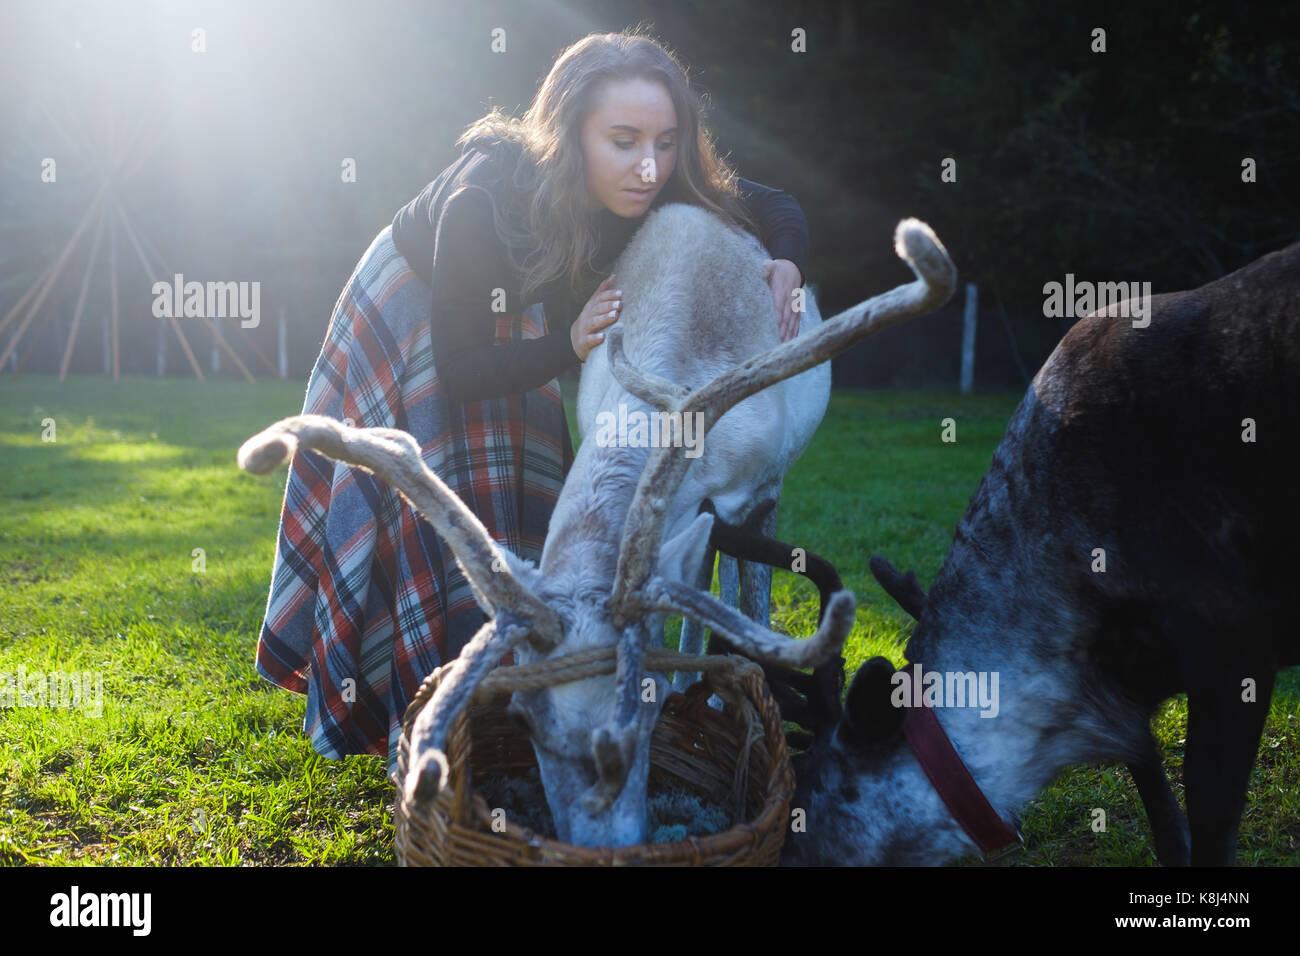 La donna in una gonna scozzese alimentazione tarandus renne sul campo verde Immagini Stock